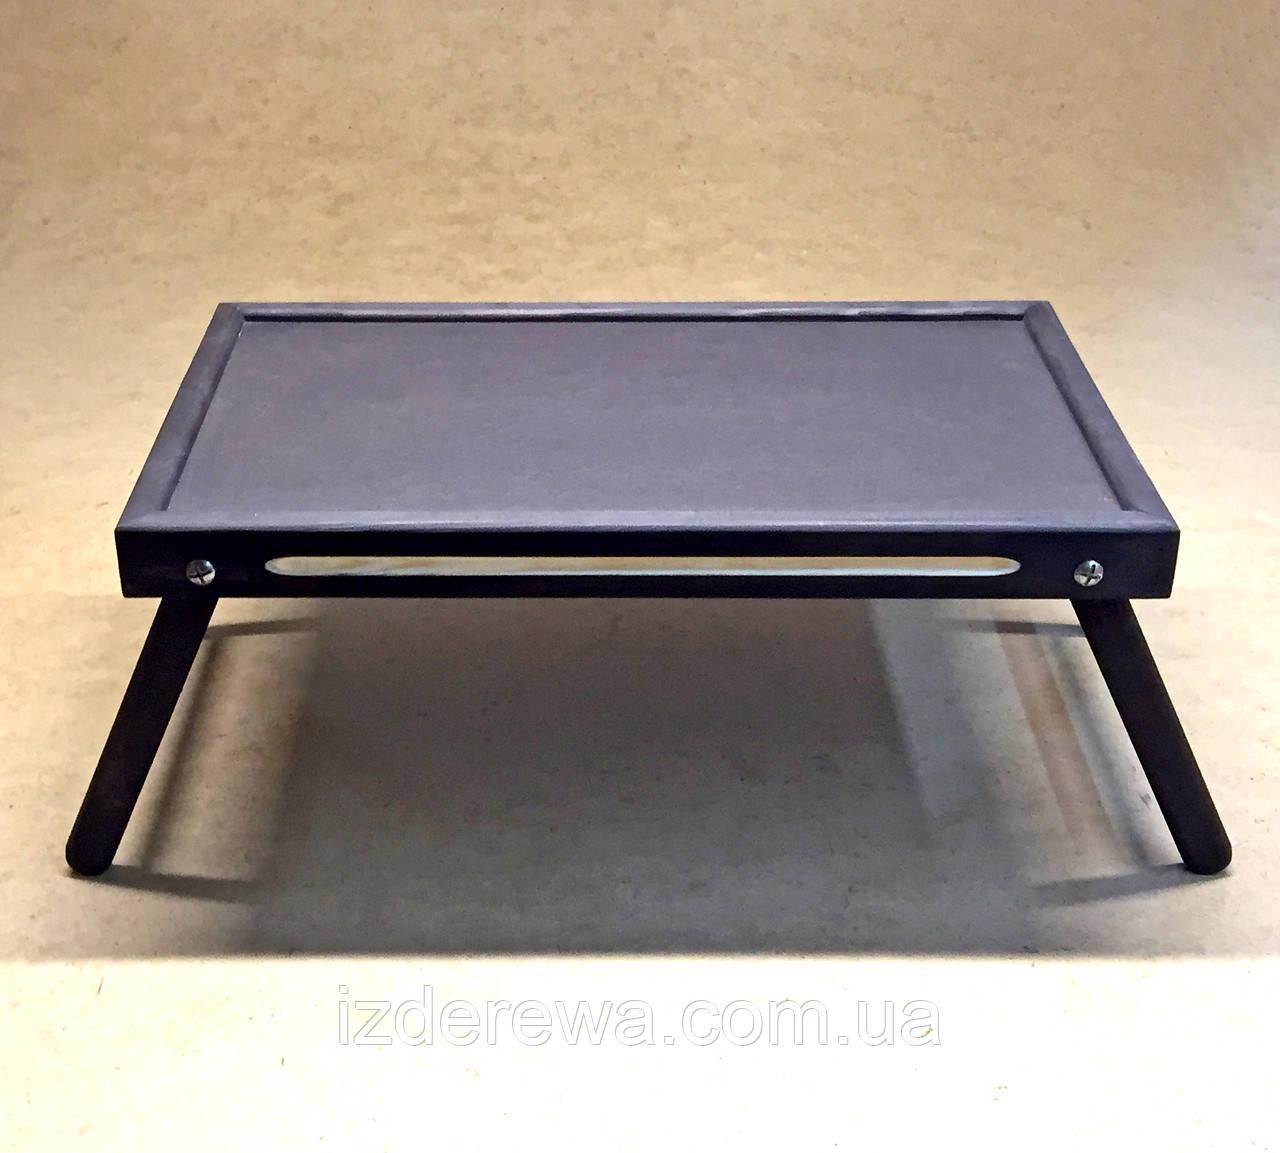 Столик-поднос для завтрака Даллас графит - фото 2